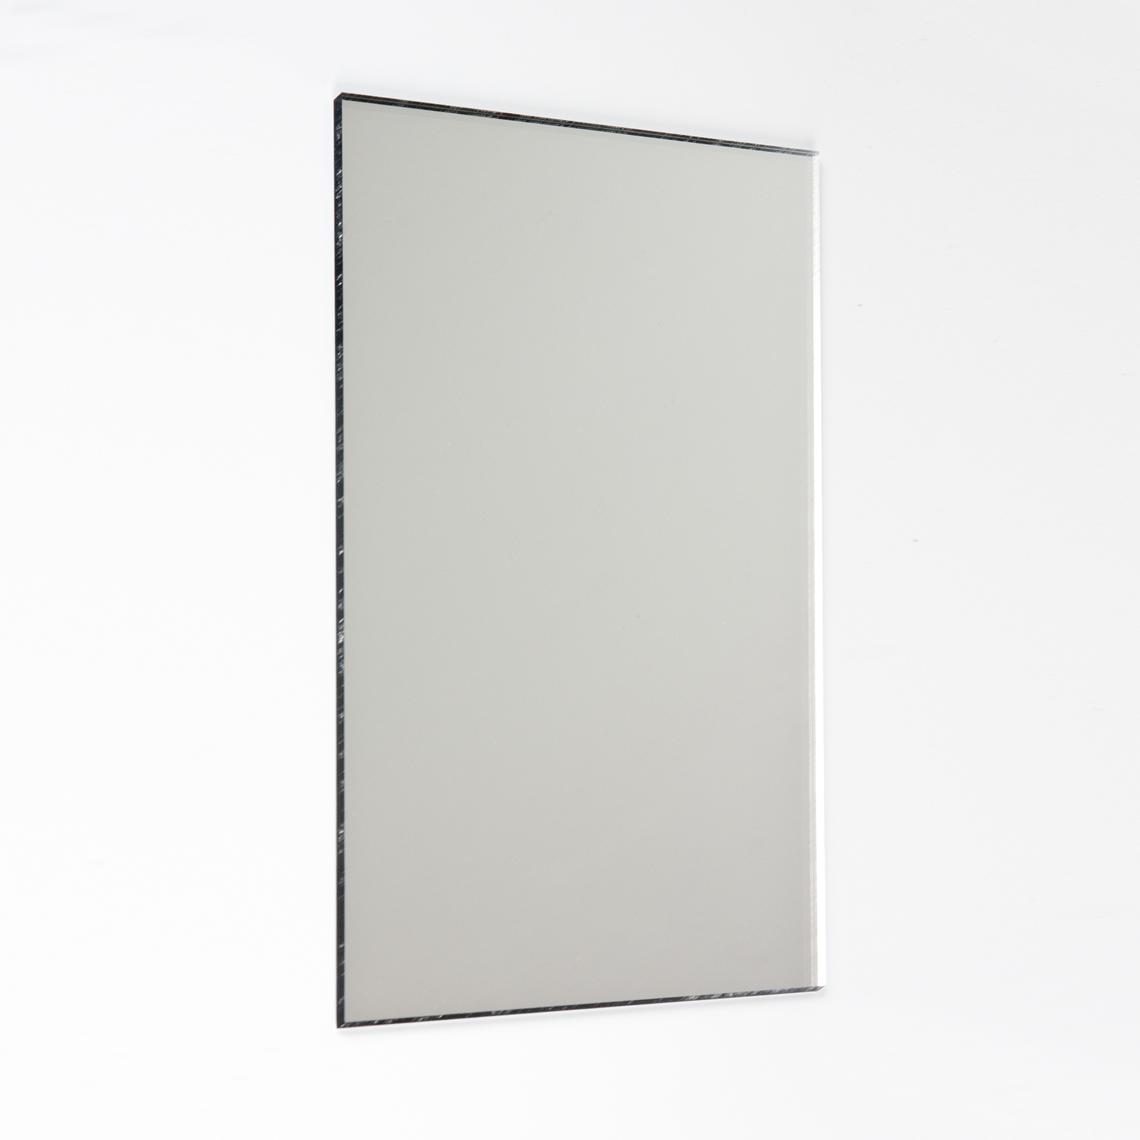 กระจกอะครีลิค ติดผนัง รูปสี่เหลี่ยม 60x40cm. (10 ชิ้น)